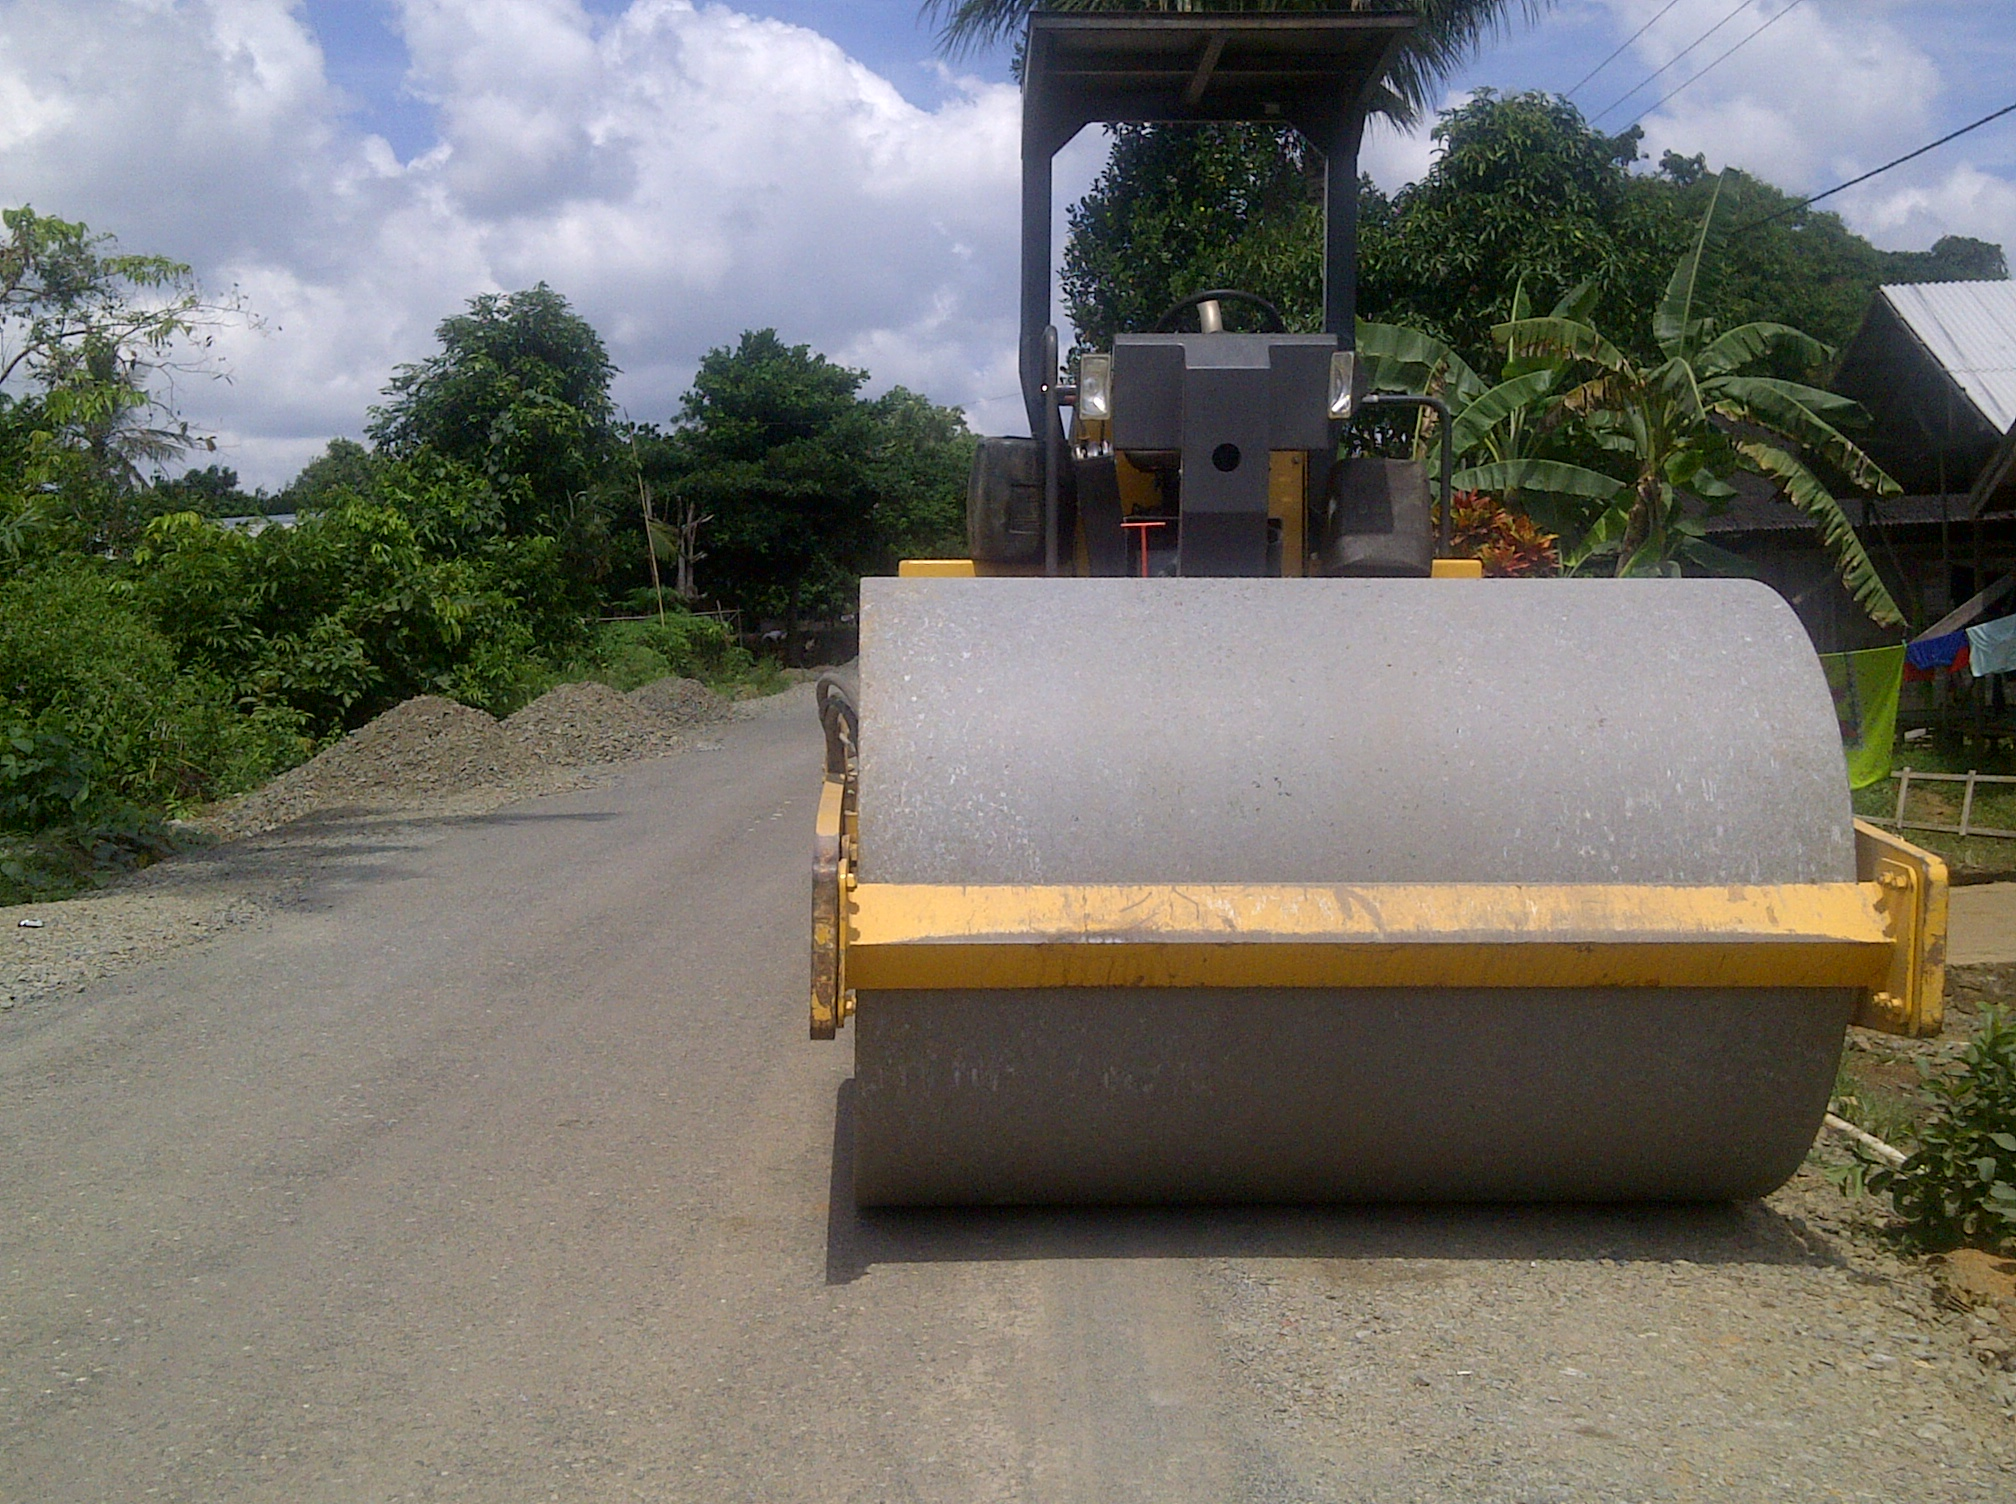 Soil compaction, Compaction, Construction, Establishment, Project, HQ Photo